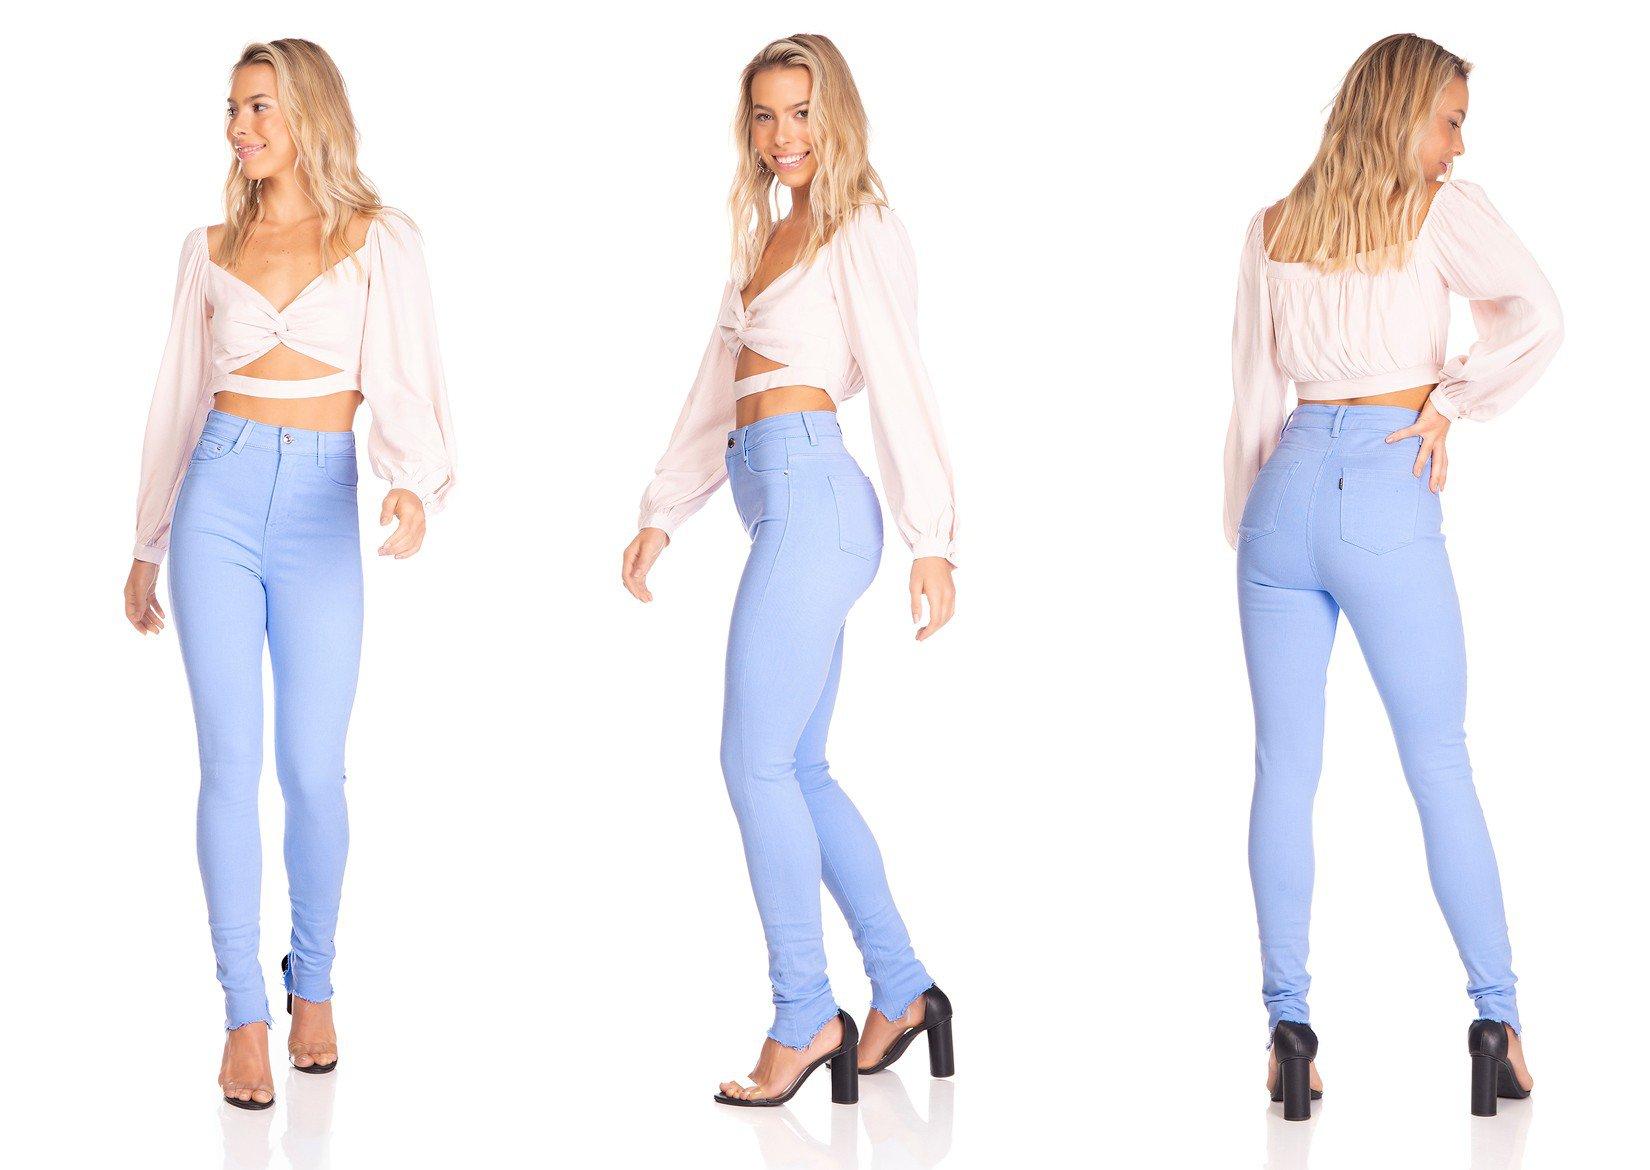 dz3127 calca jeans feminina hot pants barra desfiada colorida sky denim zero tripla